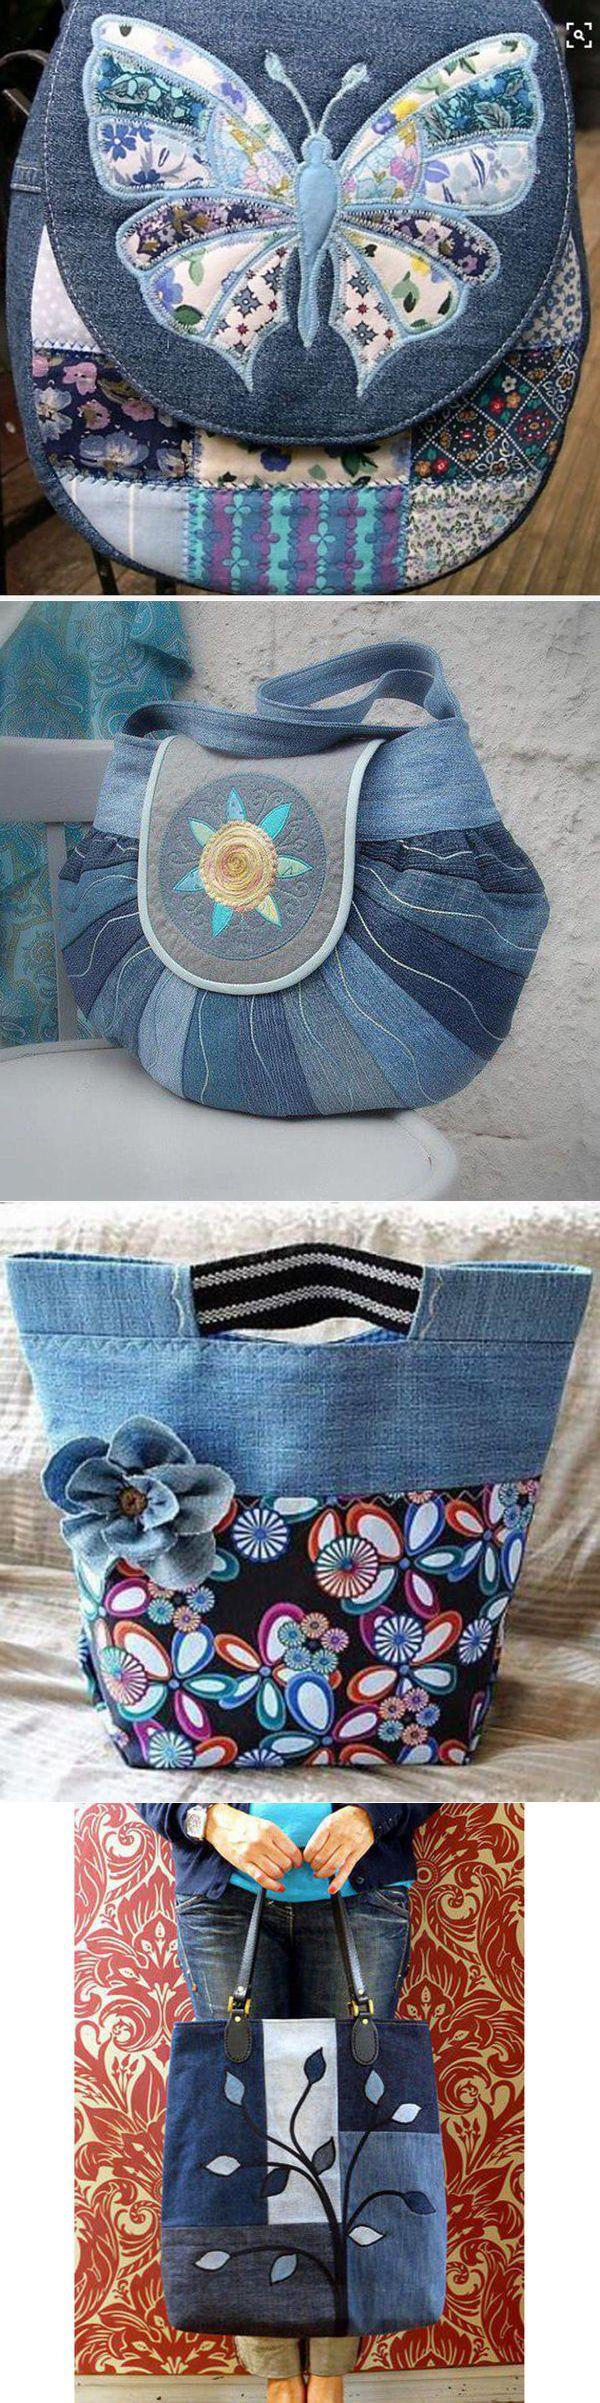 Из джинсов в летнюю сумочку — идеи по переделке и украшению вышивкой